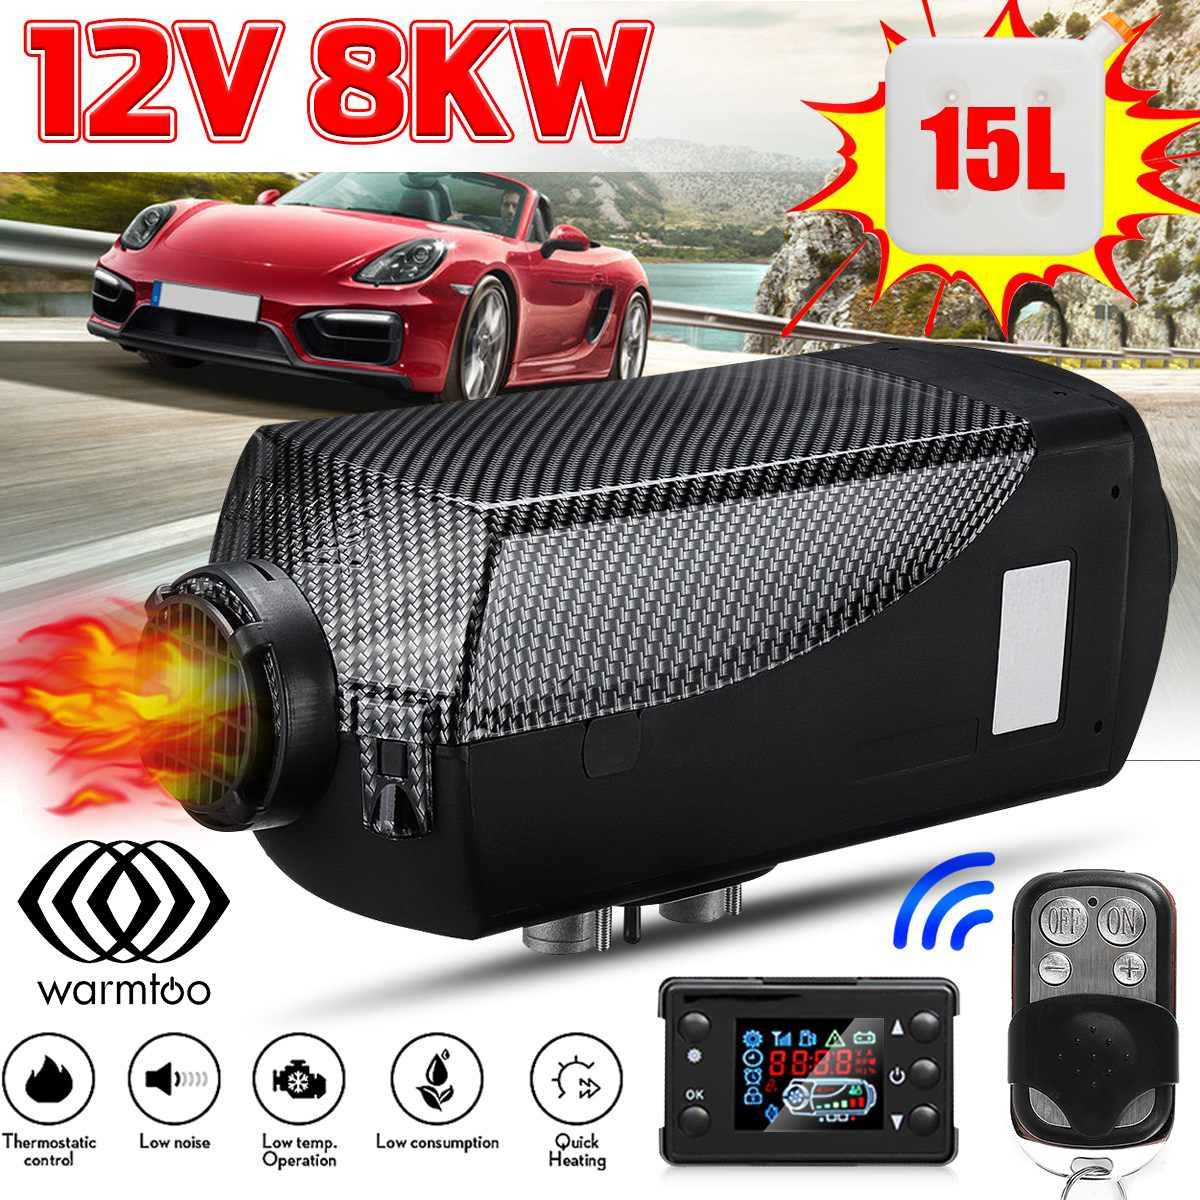 Calentador de coche 12V 8kW, accesorios de coche, calentador de aire Diesel, ventilador LCD, Monitor, Control remoto, calentador de estacionamiento para coche, Descongelador + tanque de combustible de 15l